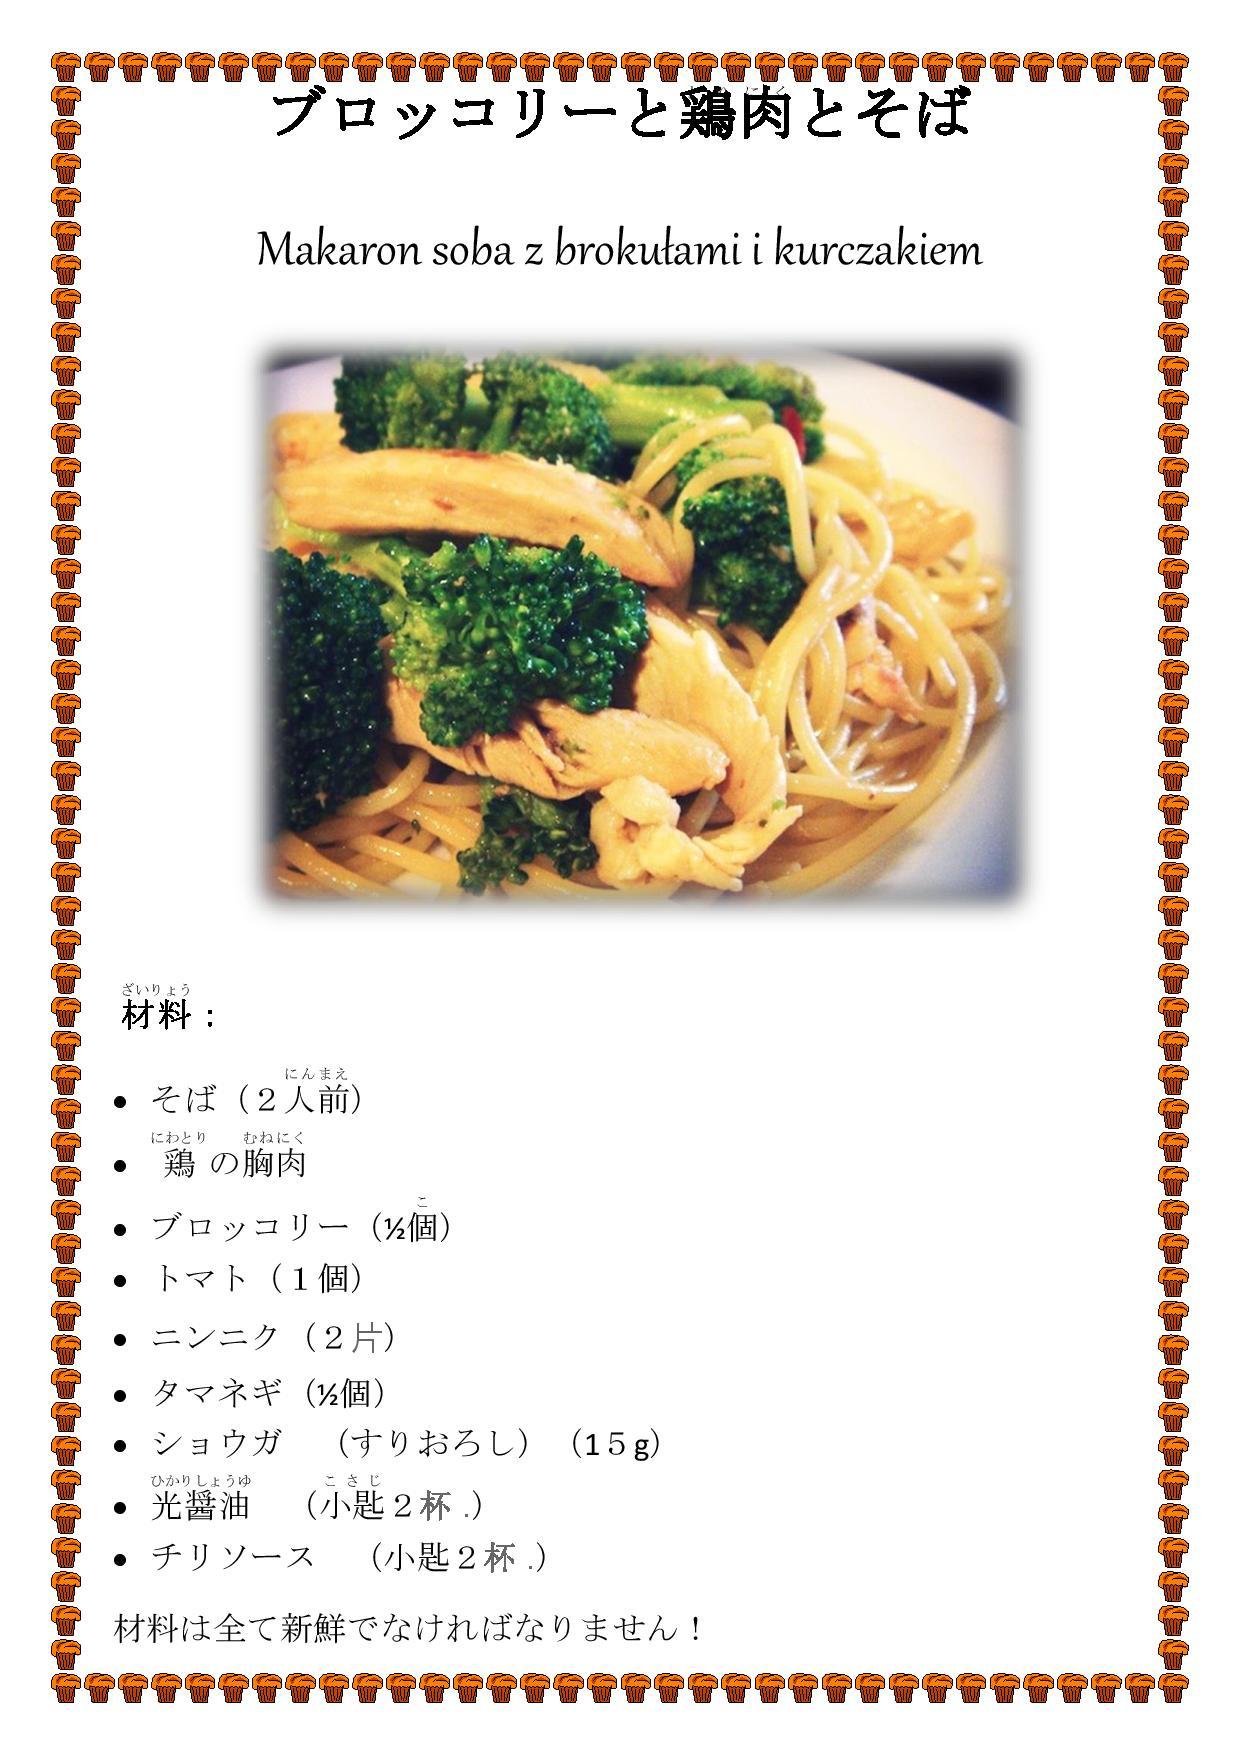 ブロッコリーと鶏肉とそば-page-001